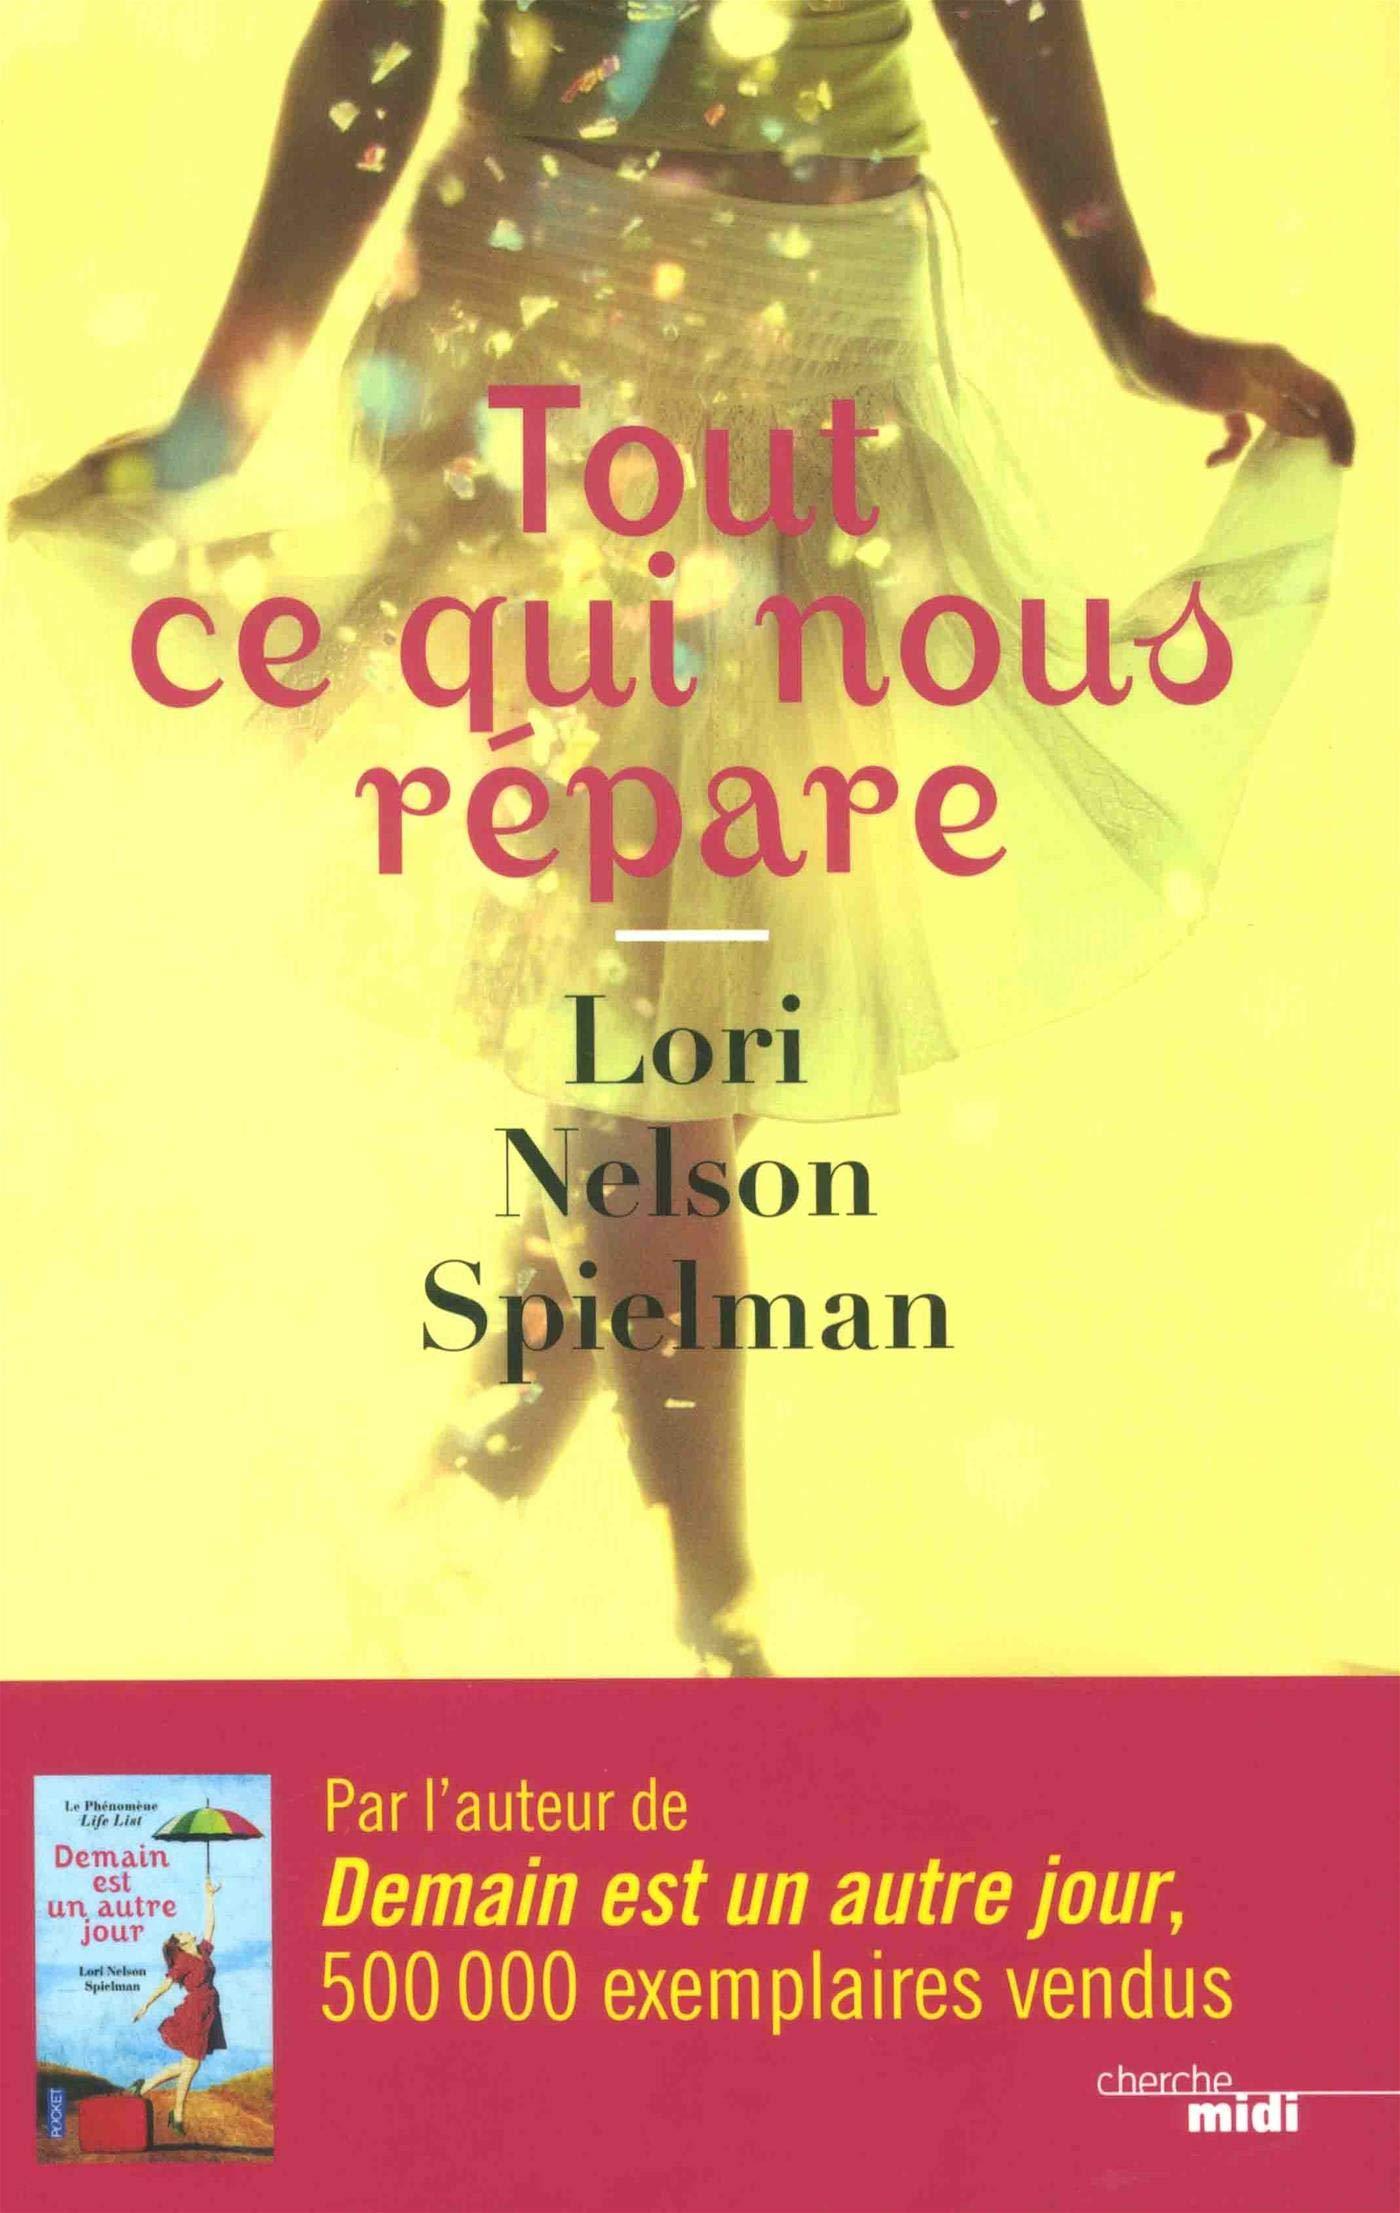 Tout ce qui nous répare – Lori Nelson Spielman